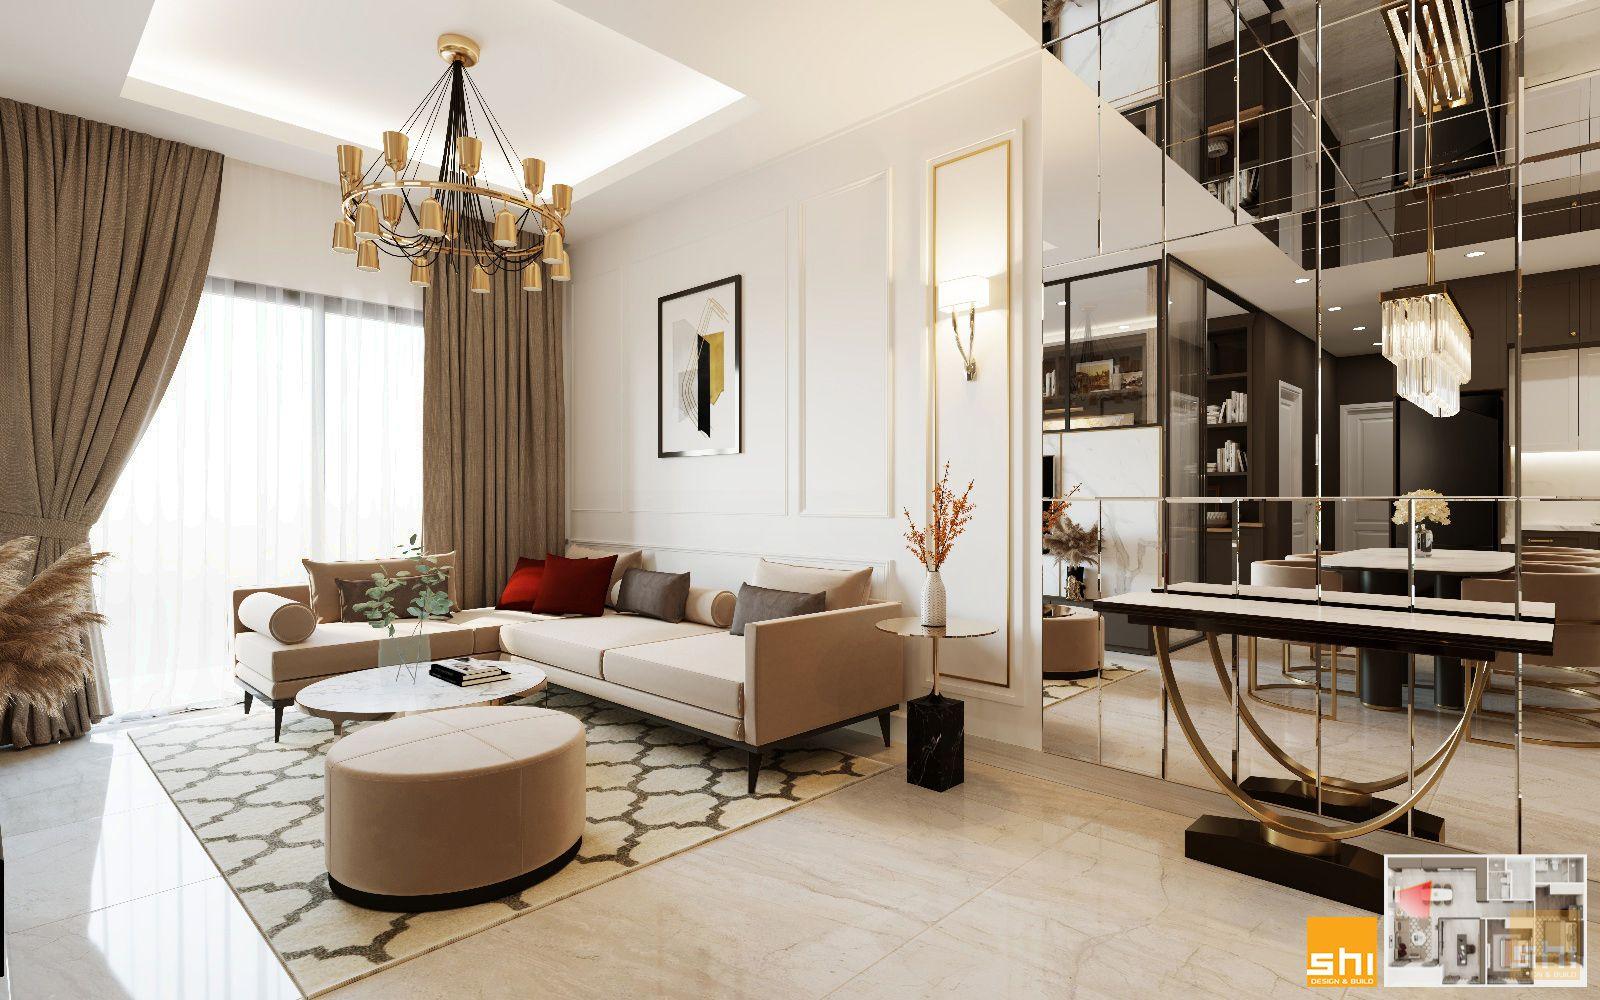 thiết kế nội thất căn hộ chung cư đẹp - 03